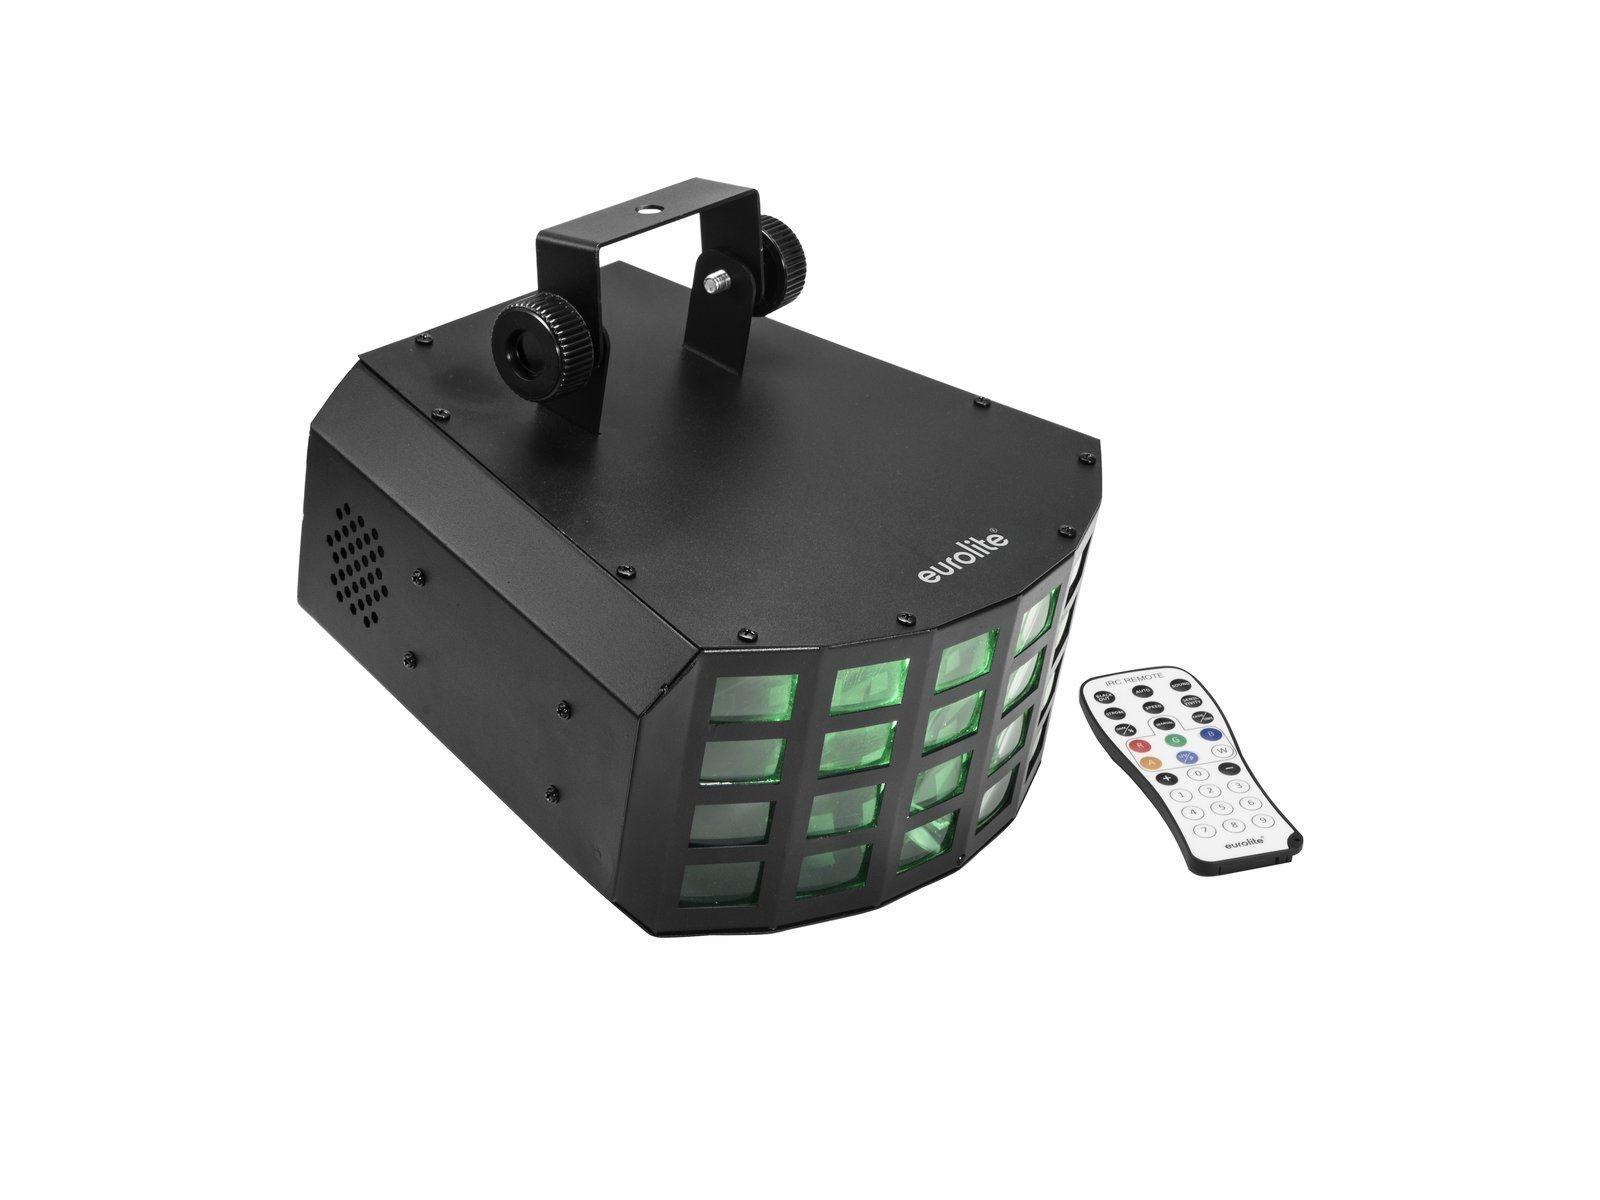 EUROLITE LED D-2000 Strahlen Lichteffekt mit DMX, Auto- und Musikmodus